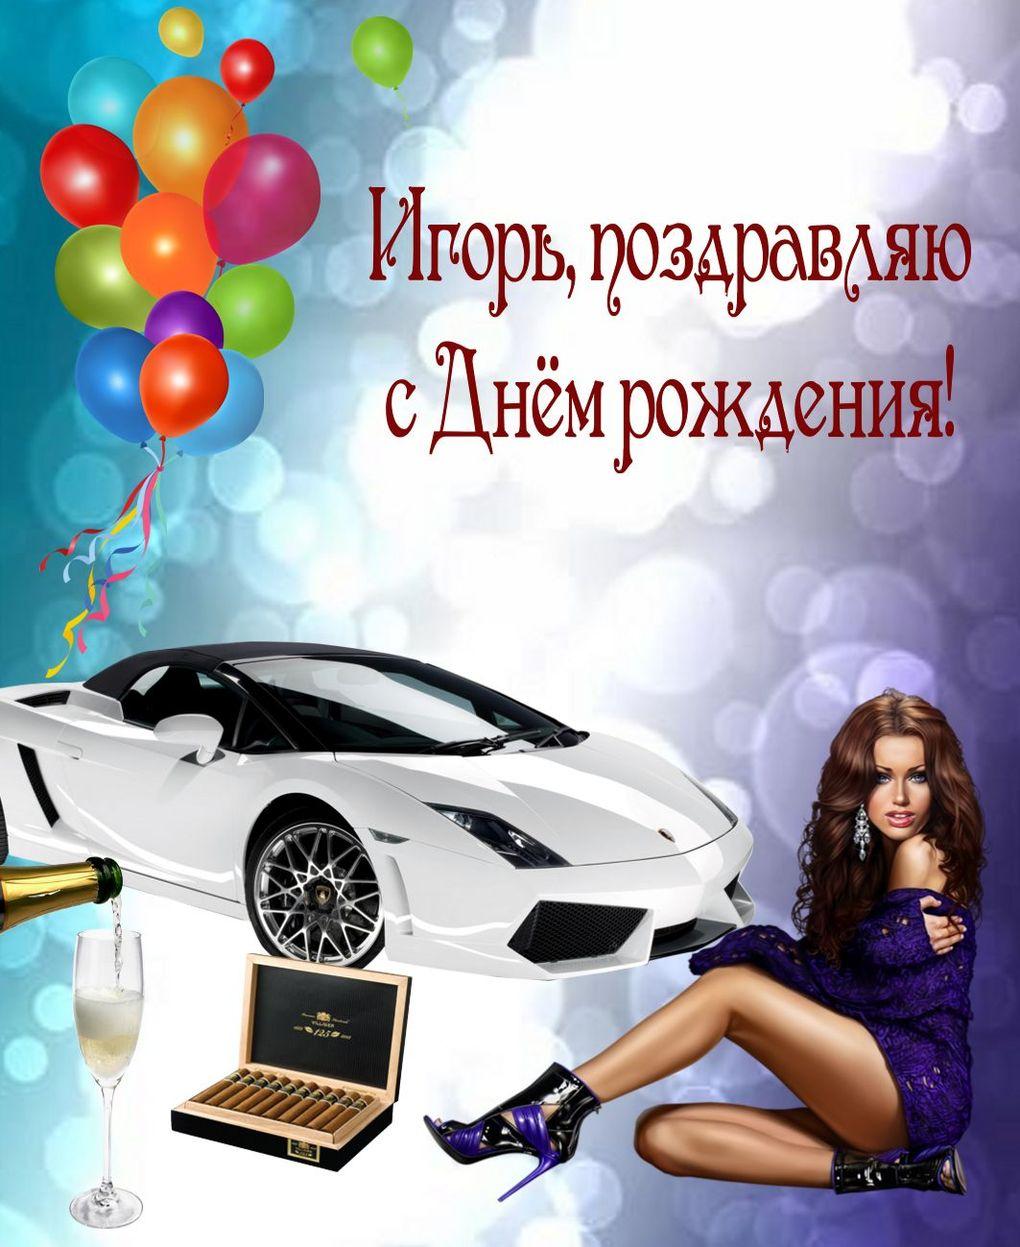 Игорь днем рождения картинки